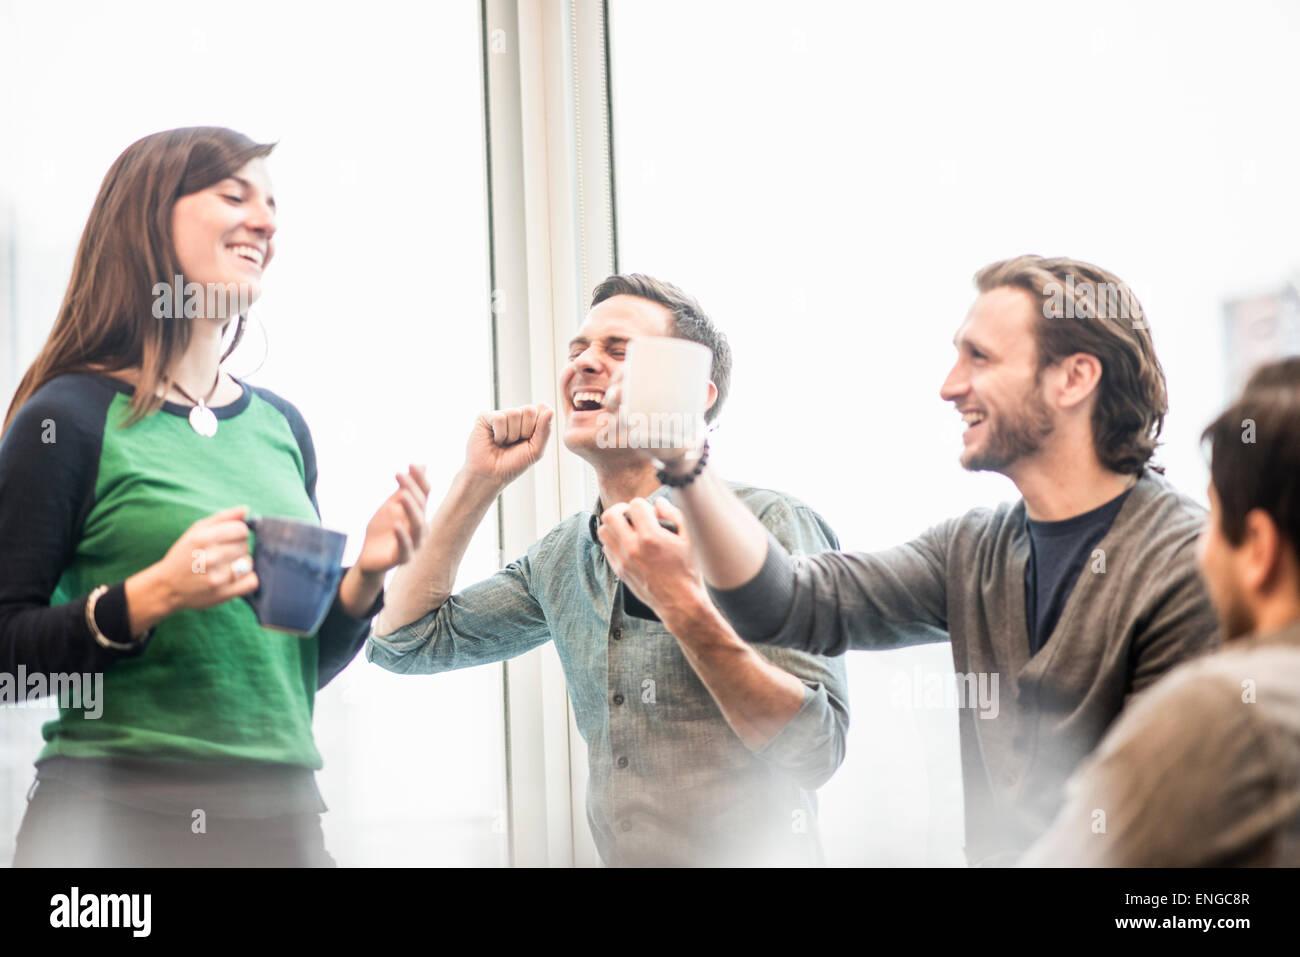 Cuatro compañeros de trabajo en un descanso, riendo y elevando sus tazas de café. Imagen De Stock